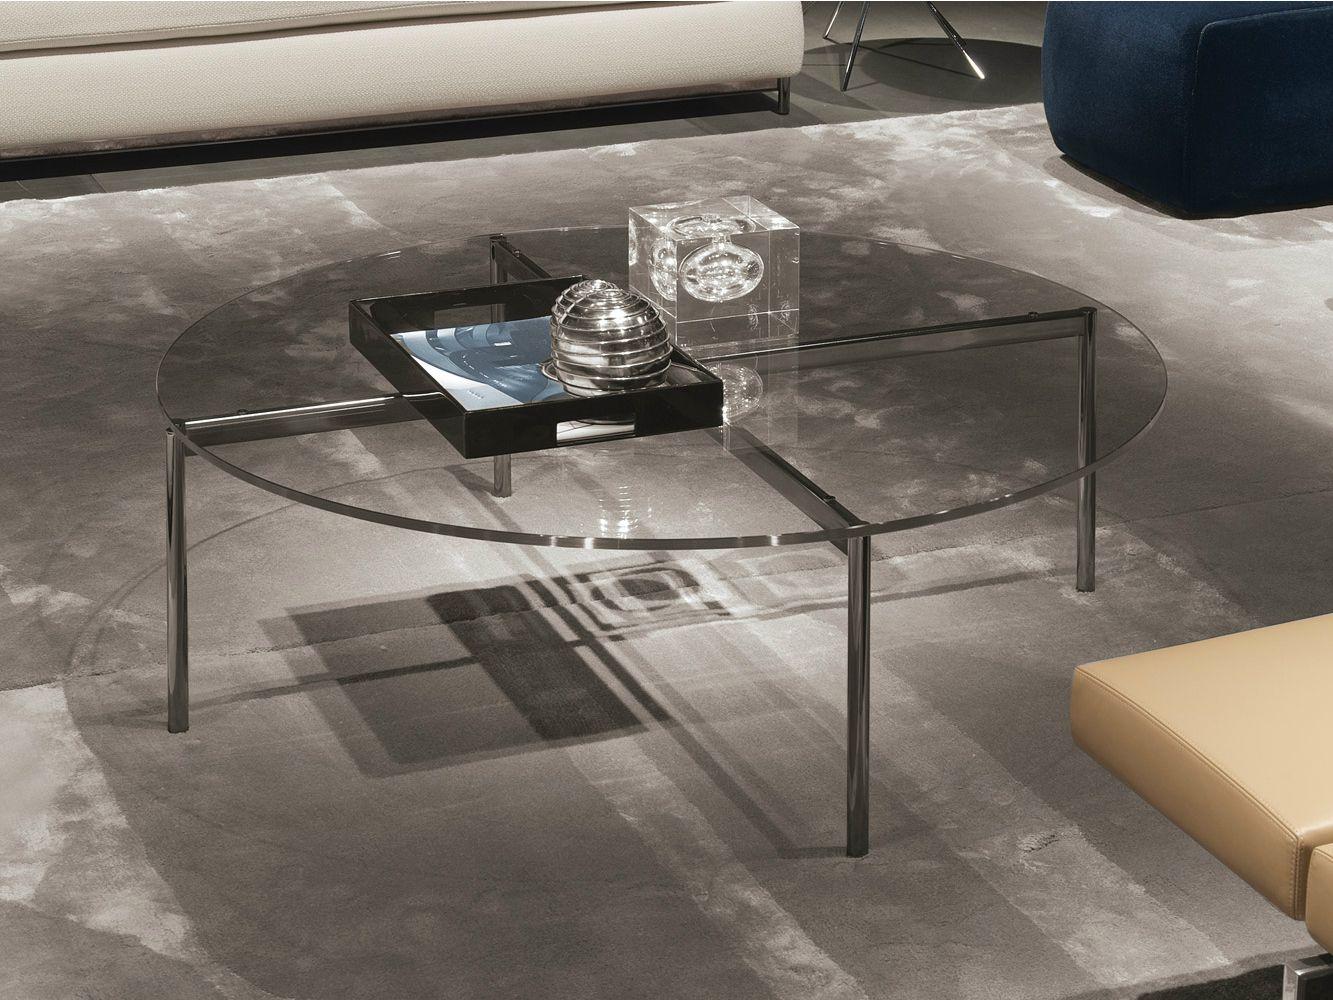 Table basse ronde en m tal table basse en verre tremp - Table ronde verre trempe ...